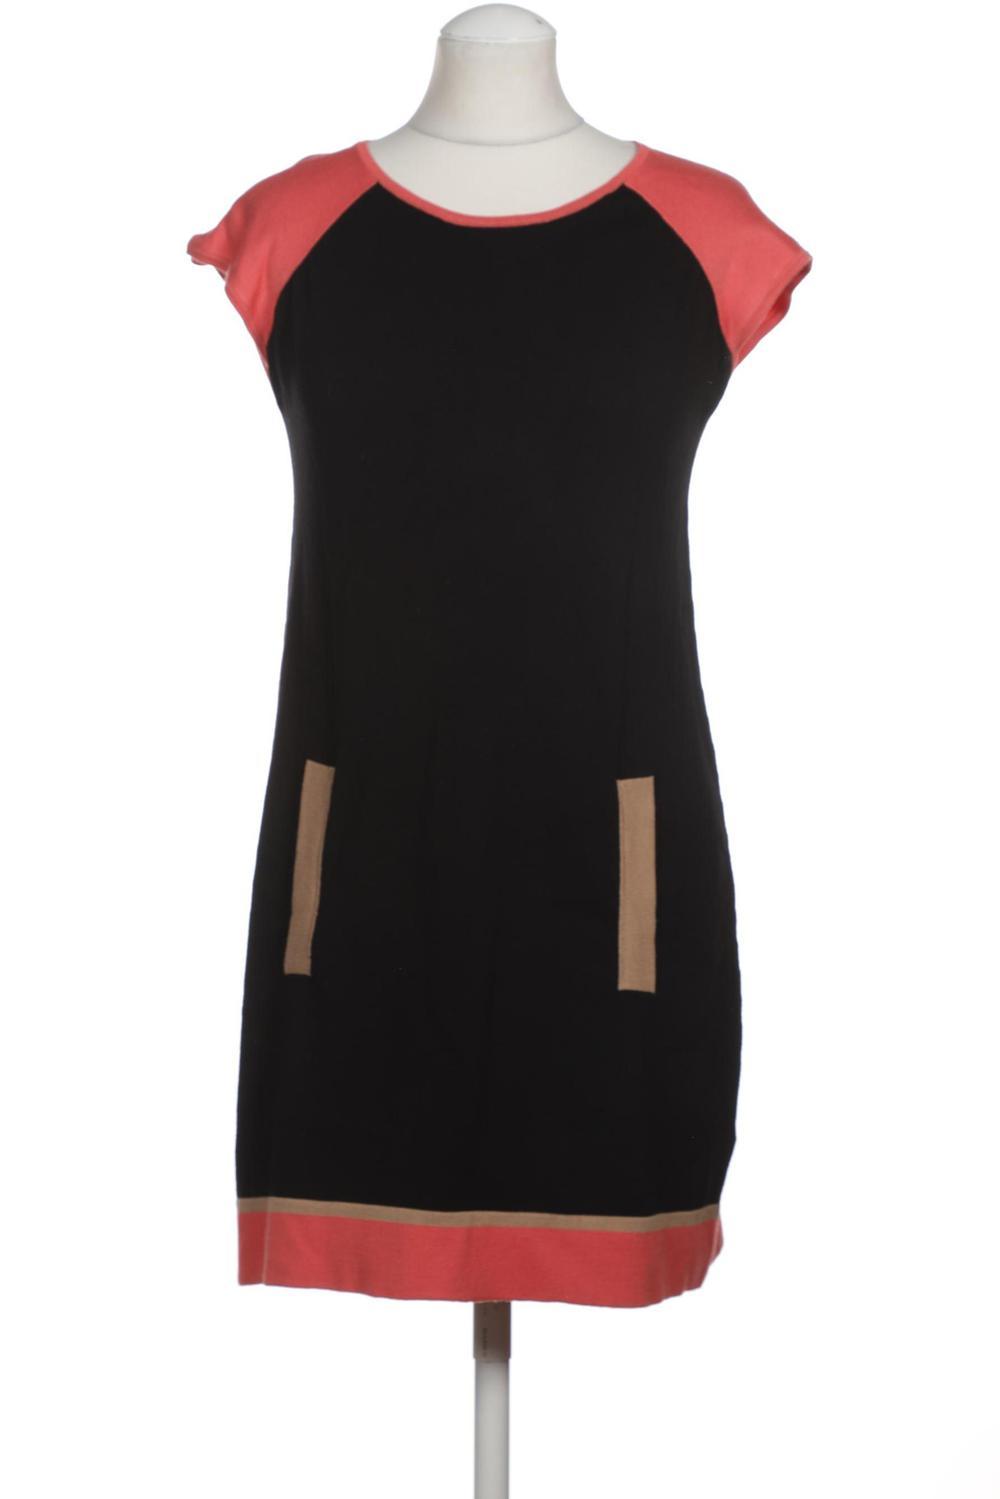 details zu betty barclay kleid damen dress damenkleid gr. s kein etikett  schwarz 229b7fa